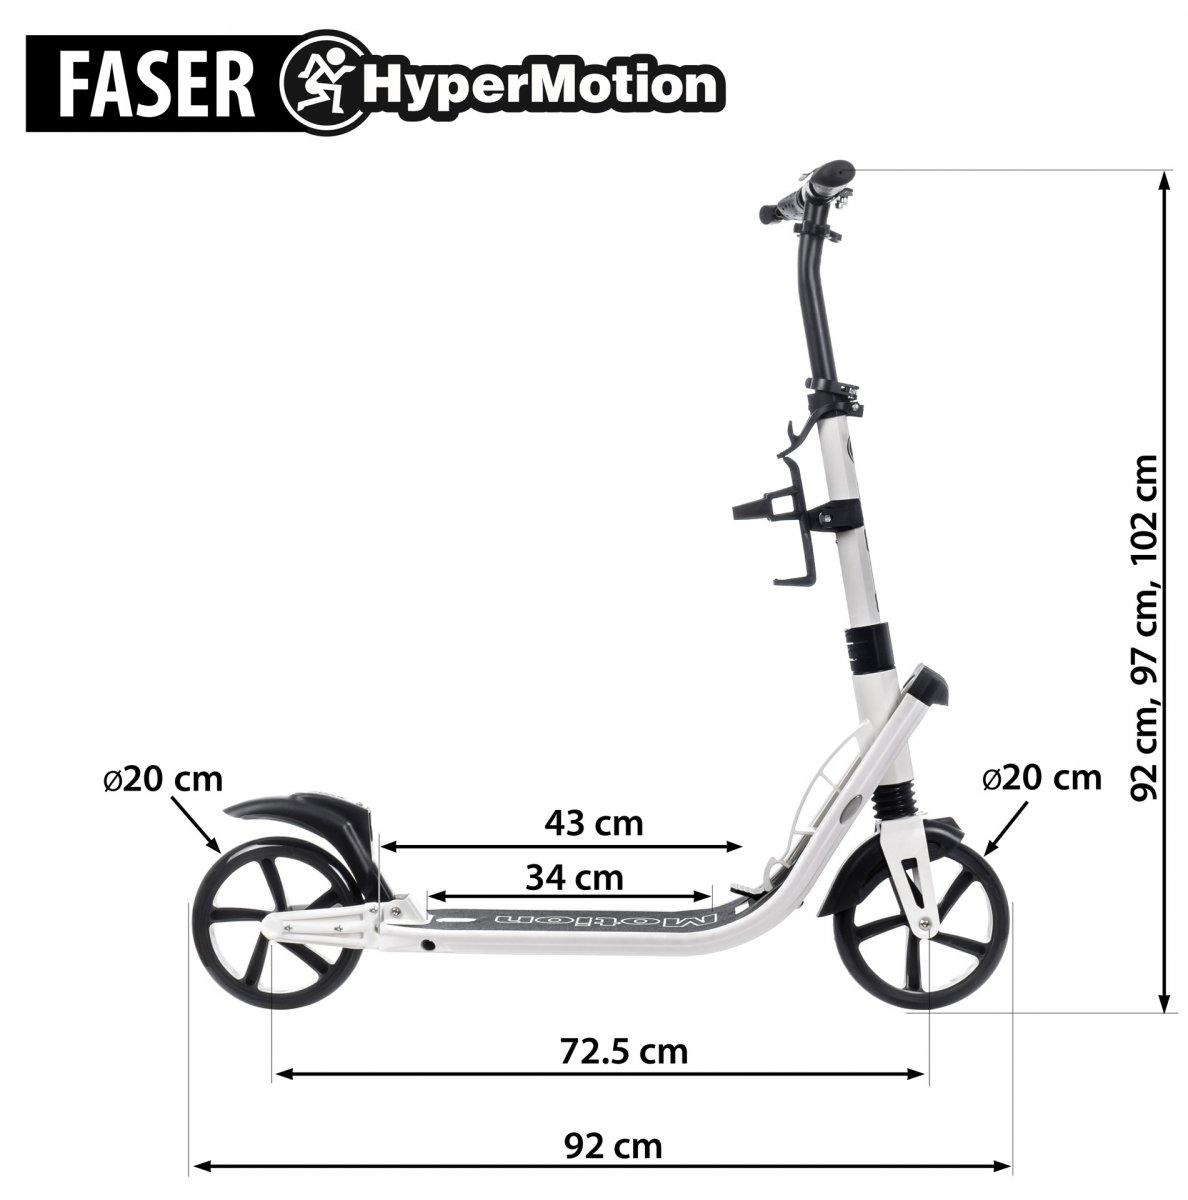 Hulajnoga dla dorosłych HyperMotion FASER - biała